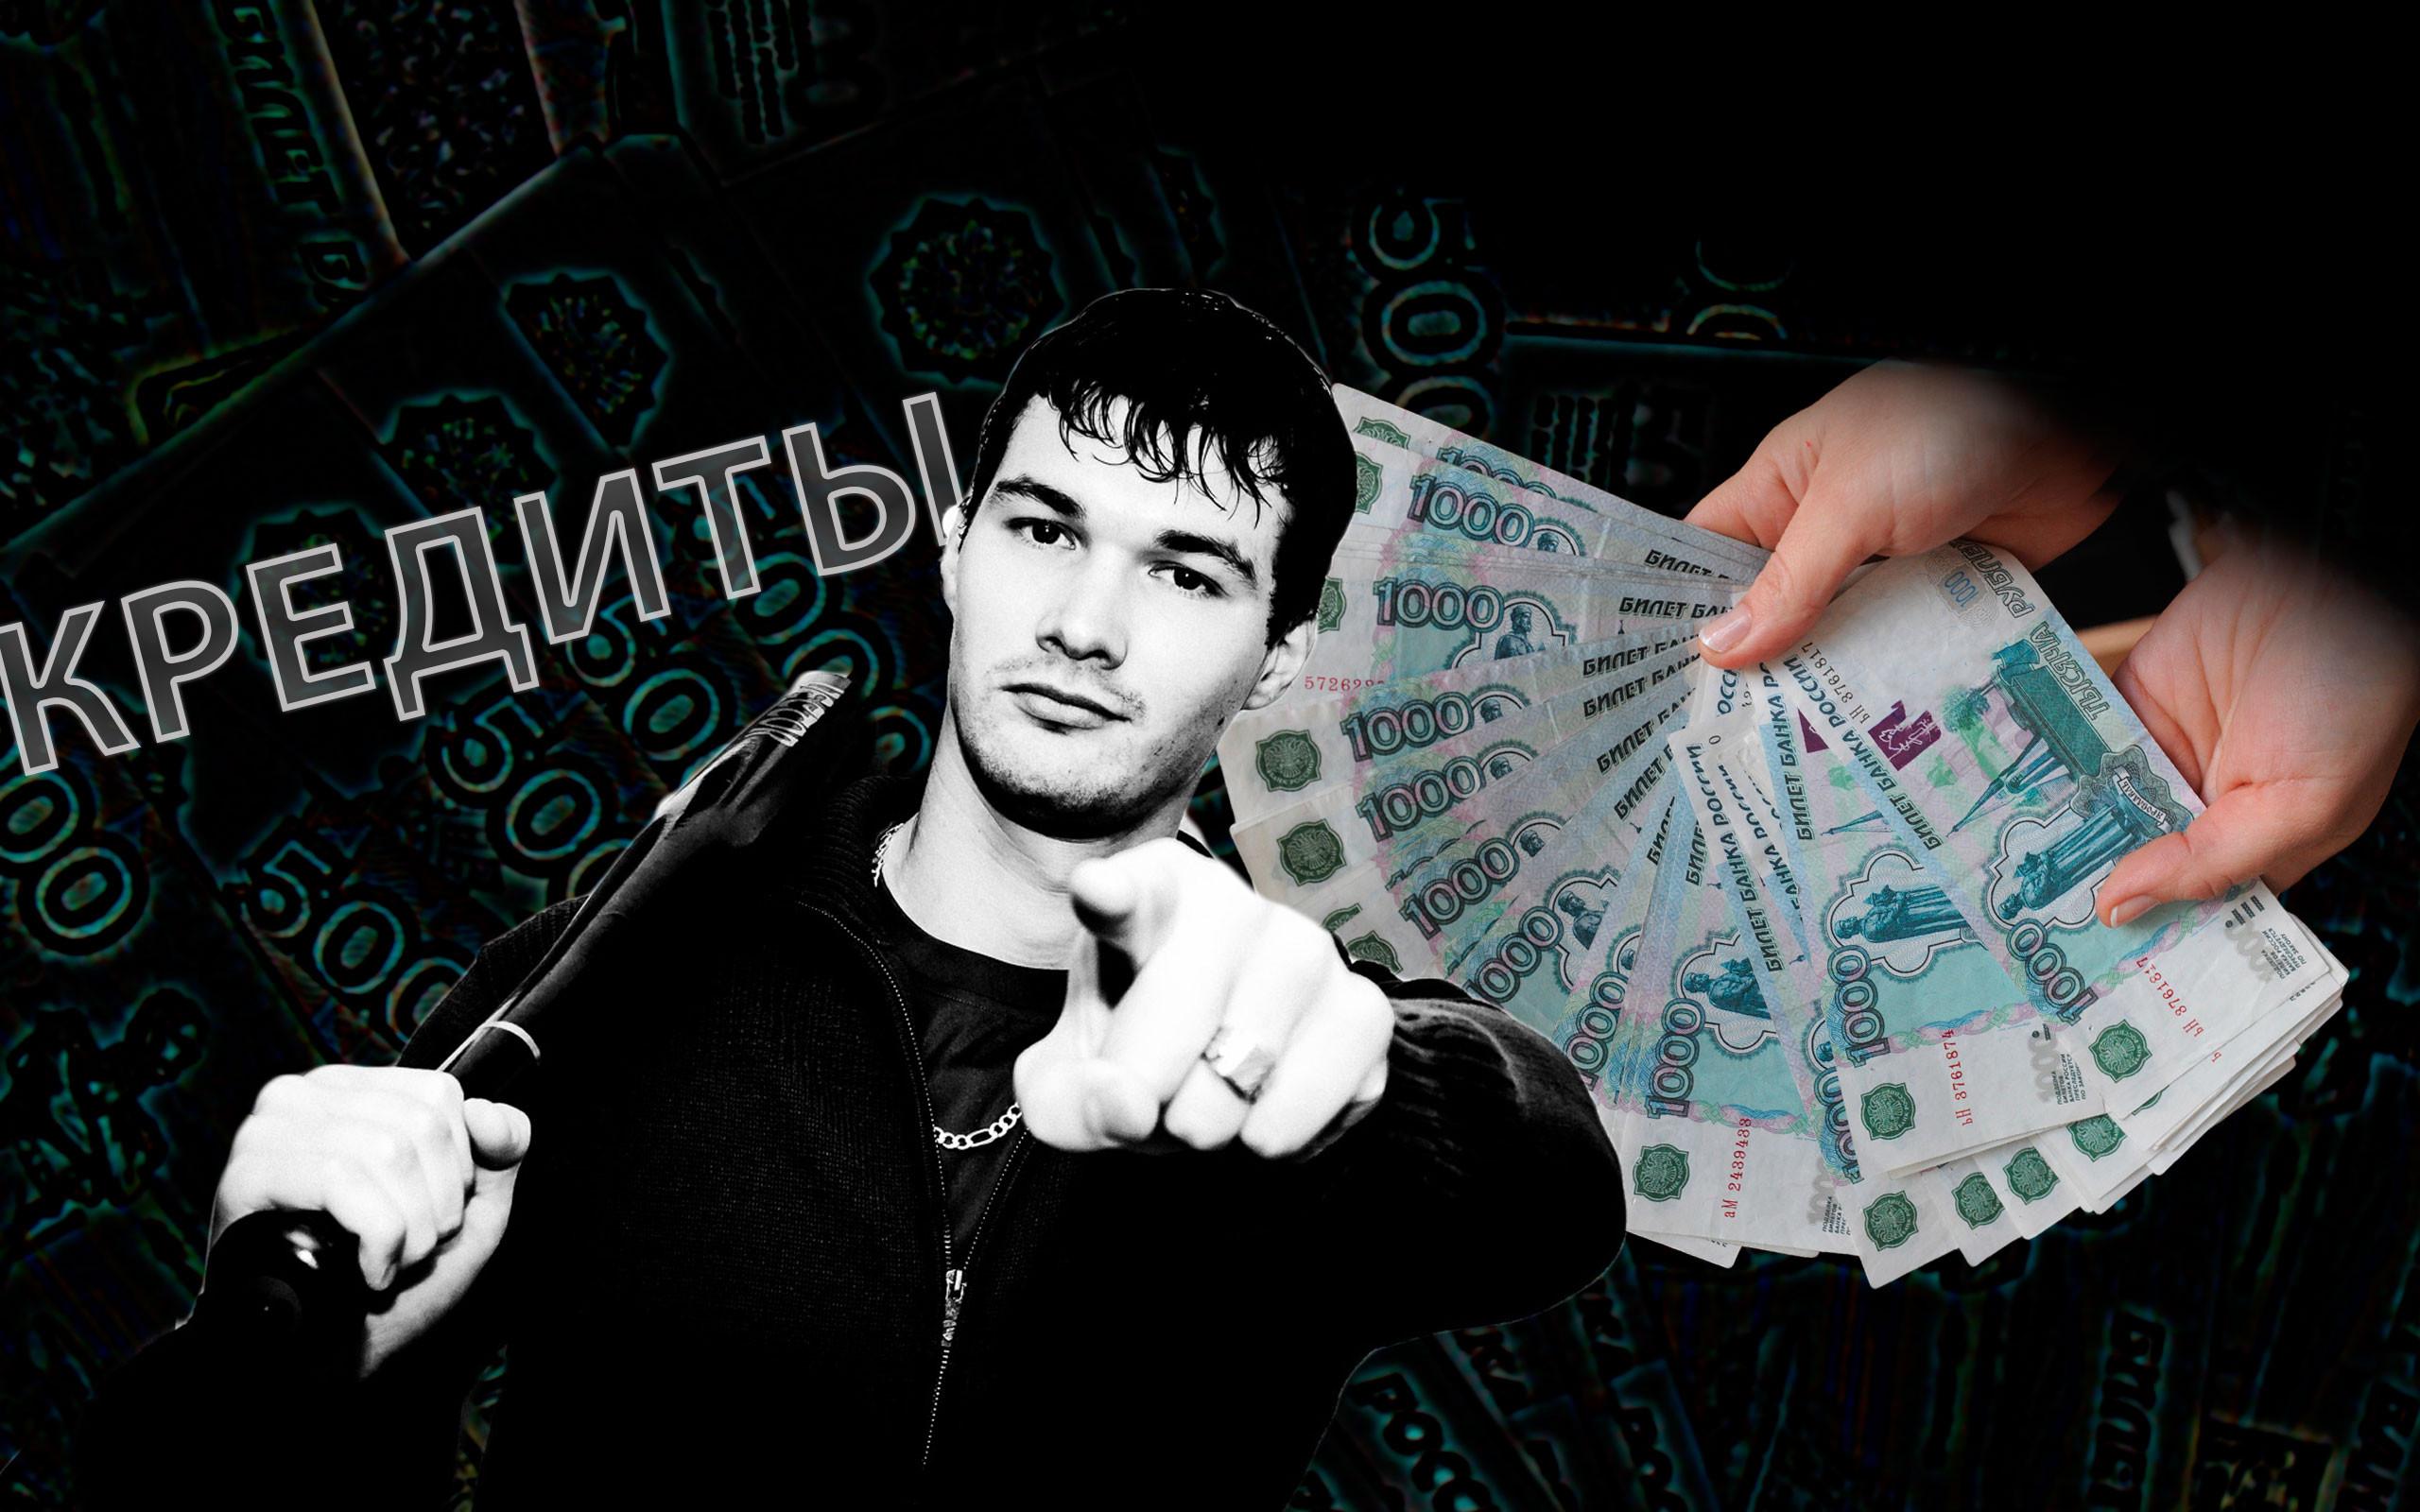 """<p>Коллаж &copy; L!FE. Фото: &copy; РИА Новости/Денис Гуков, &copy; <a href=""""https://www.flickr.com/photos/alex_inside/9576721337/"""" target=""""_blank"""">Flickr/<span>alex_inside</span></a></p>"""